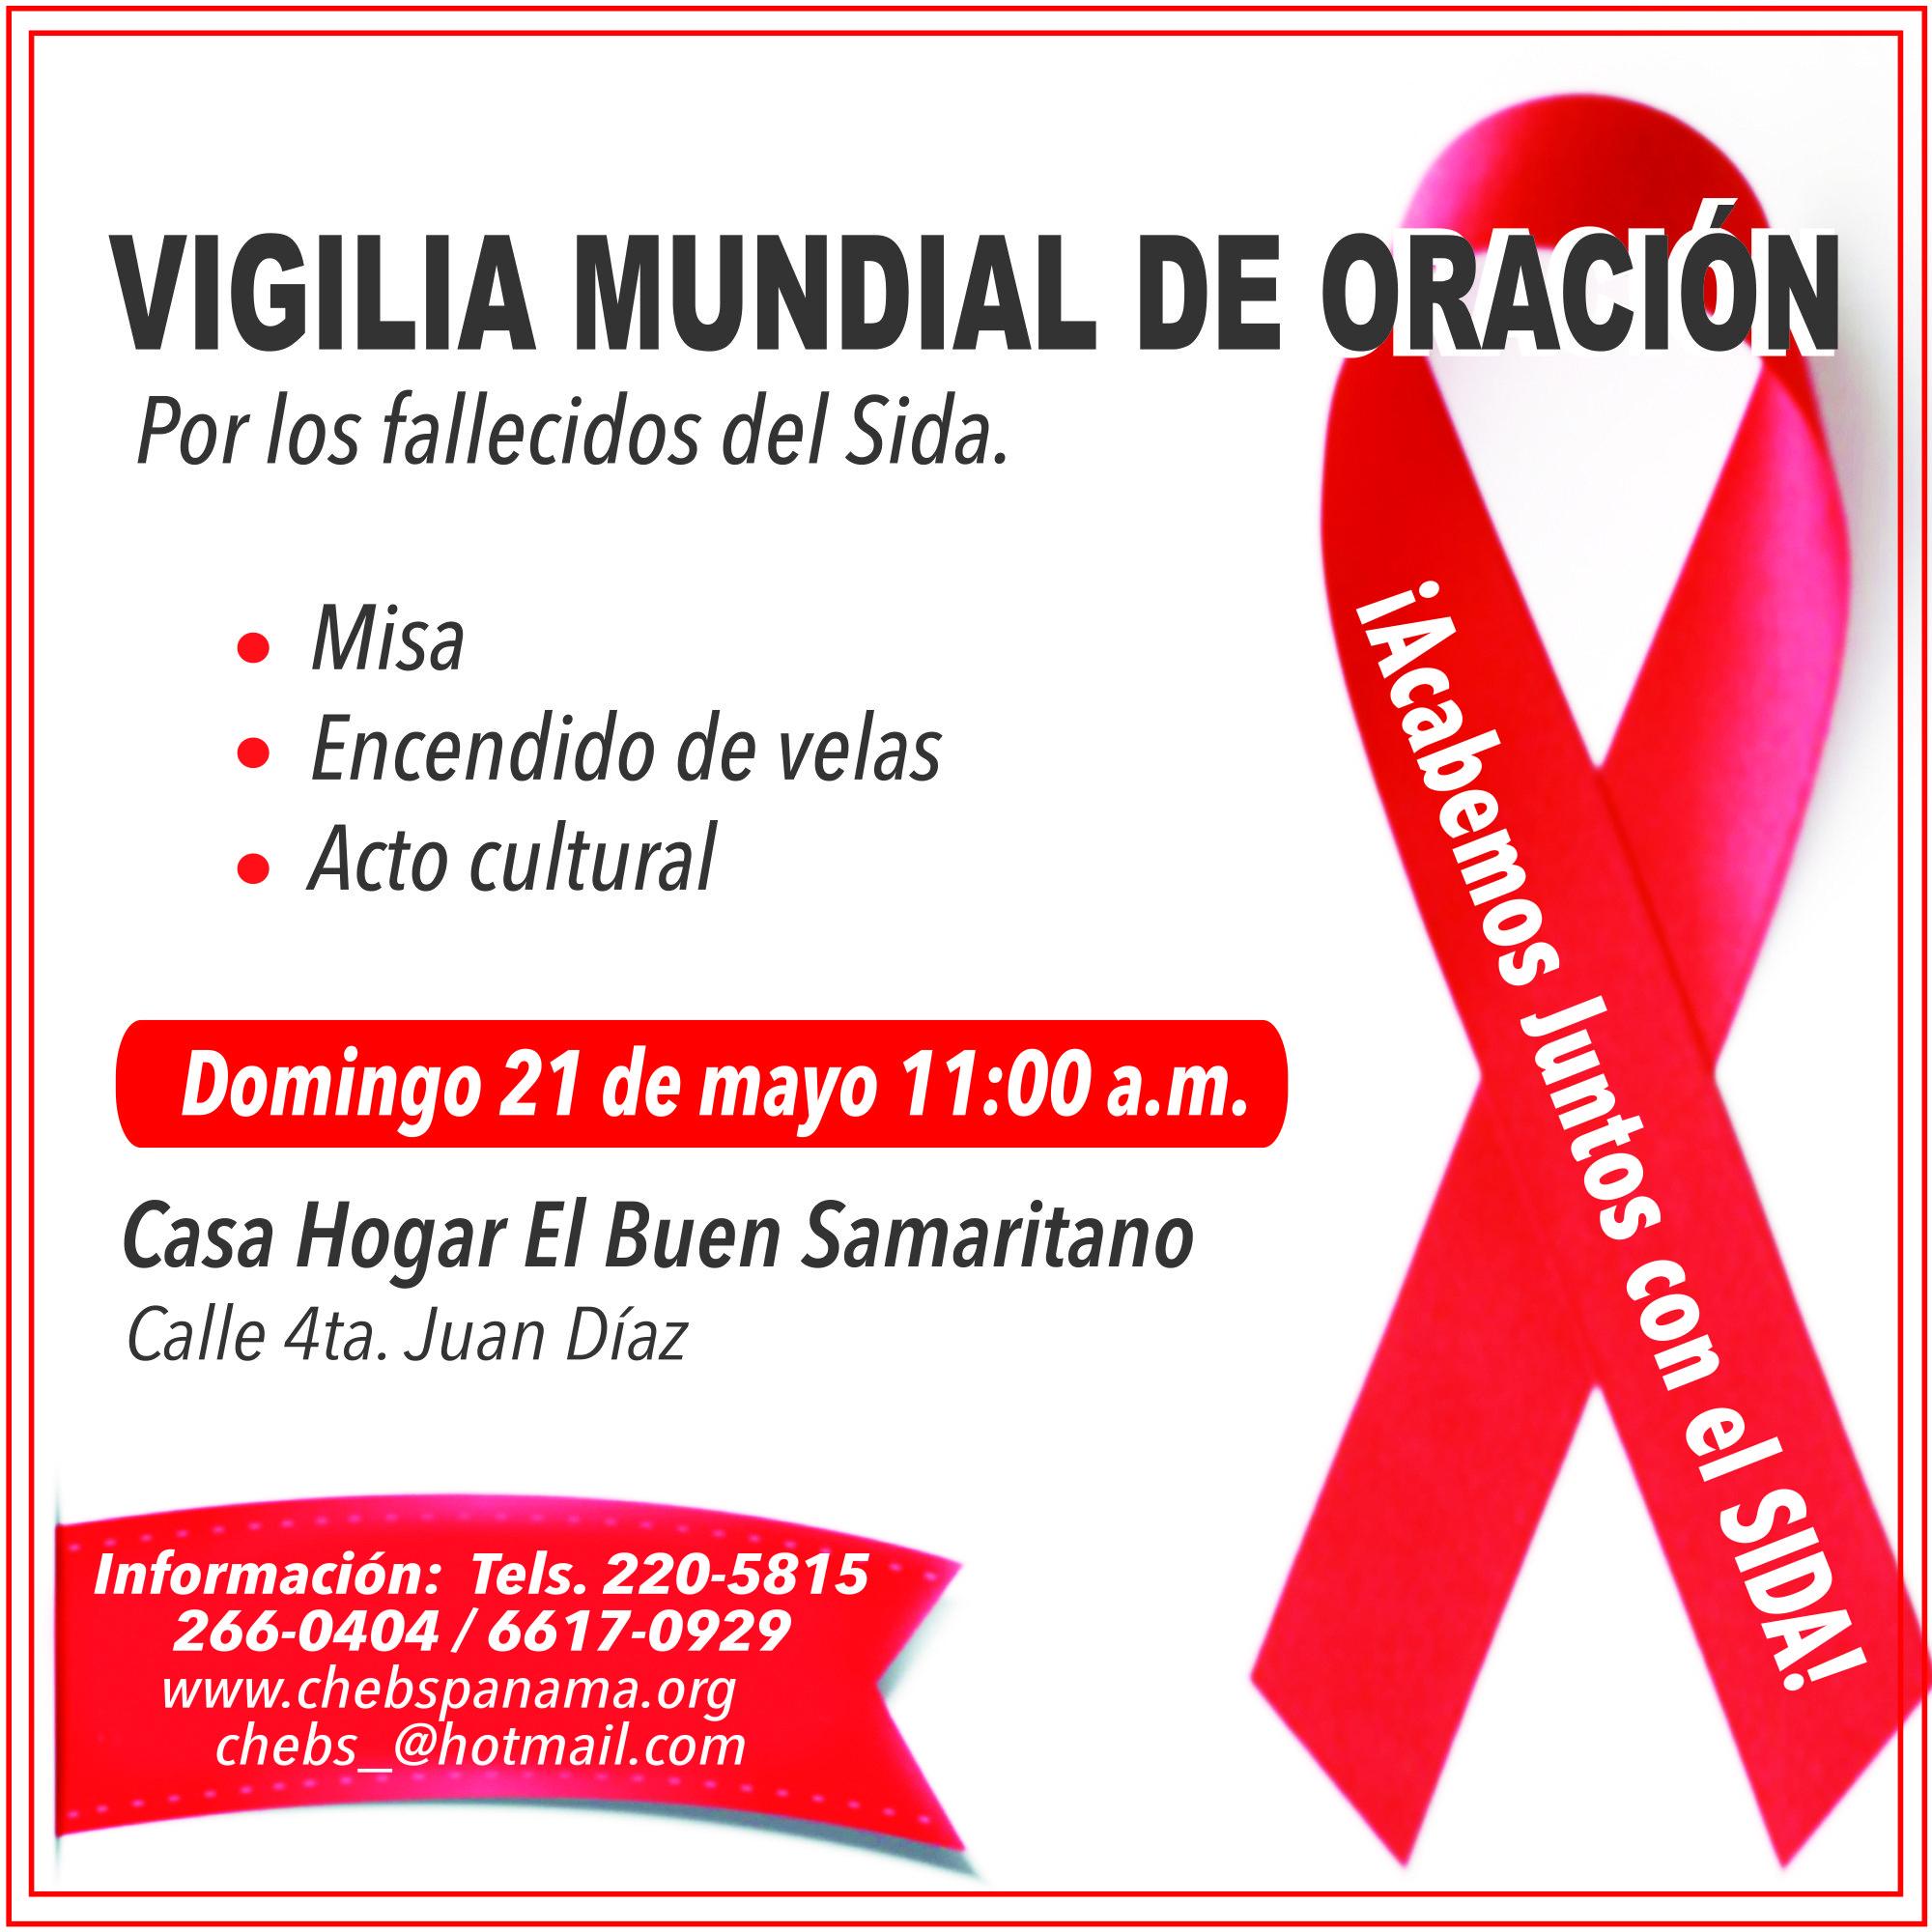 XXXIV Vigilia mundial de oración por los fallecidos del sida.